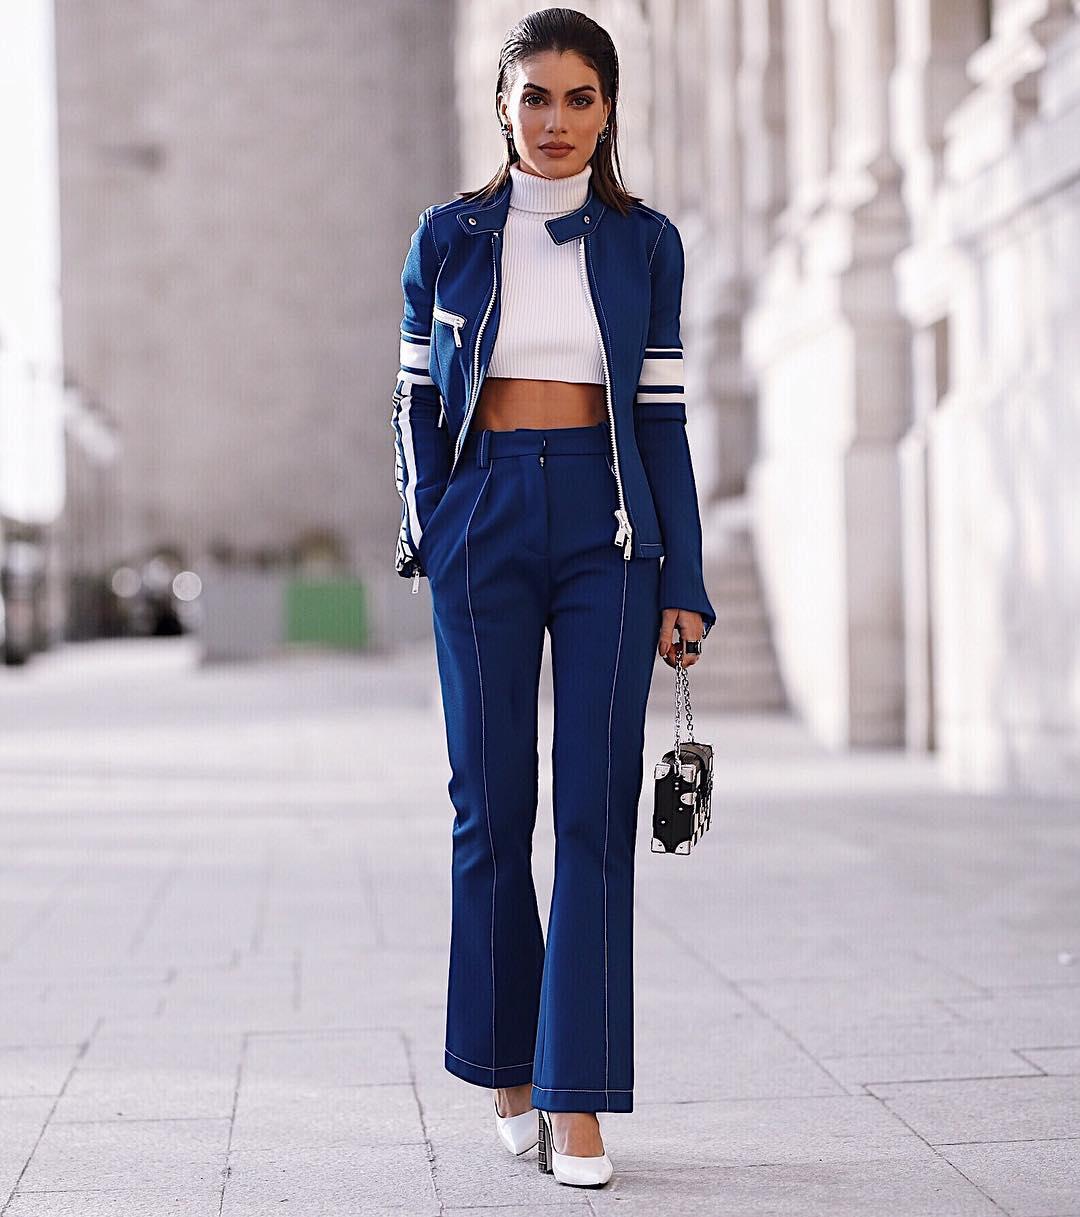 Fashionista Camila Coelho mặc quần ống loe và áo khoác màu xanh dương, mặc áo crop-top trắng, mang giày cao gót